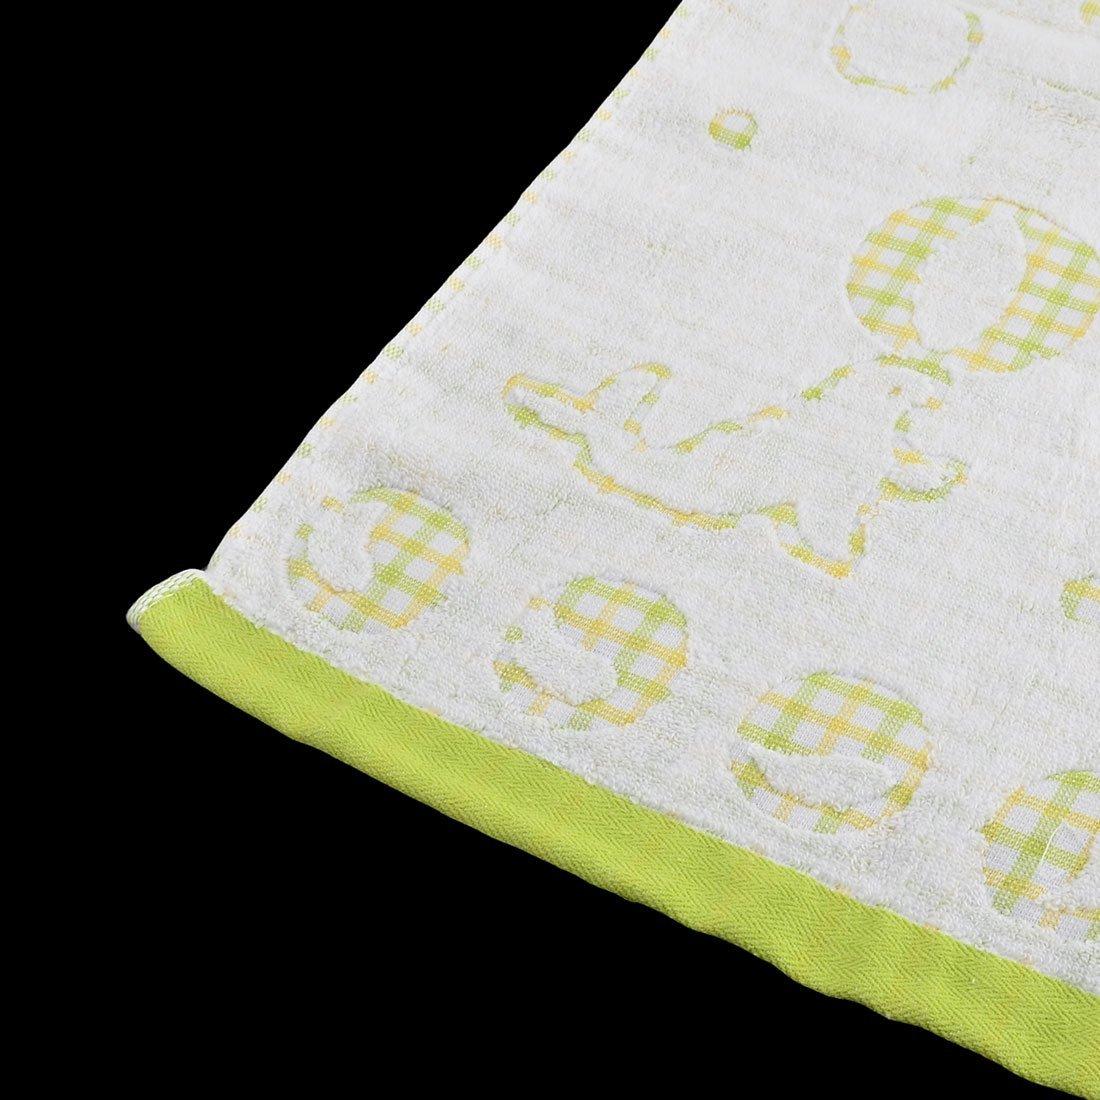 Amazon.com: eDealMax KUTTO autorizado Patrón leones Marinos absorbente toalla de baño de 140 cm x 70 cm Verde claro: Home & Kitchen